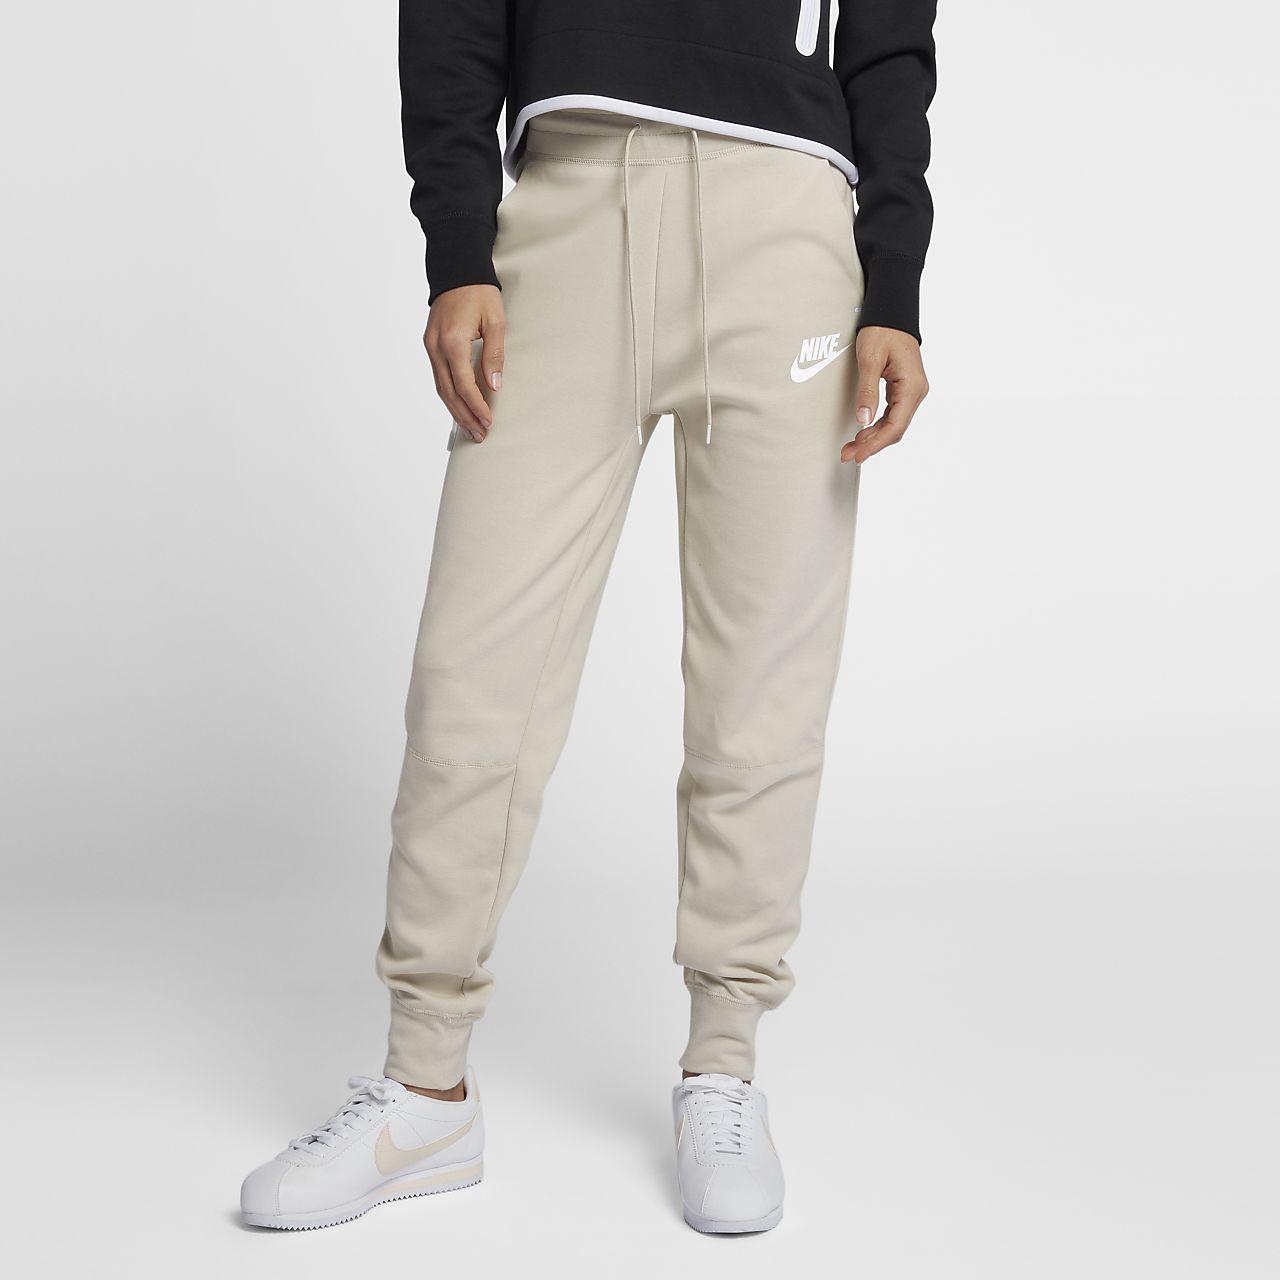 Pantalon Nike Nike Pantalon Sportswear Tech Fleece pour BE 0e9368